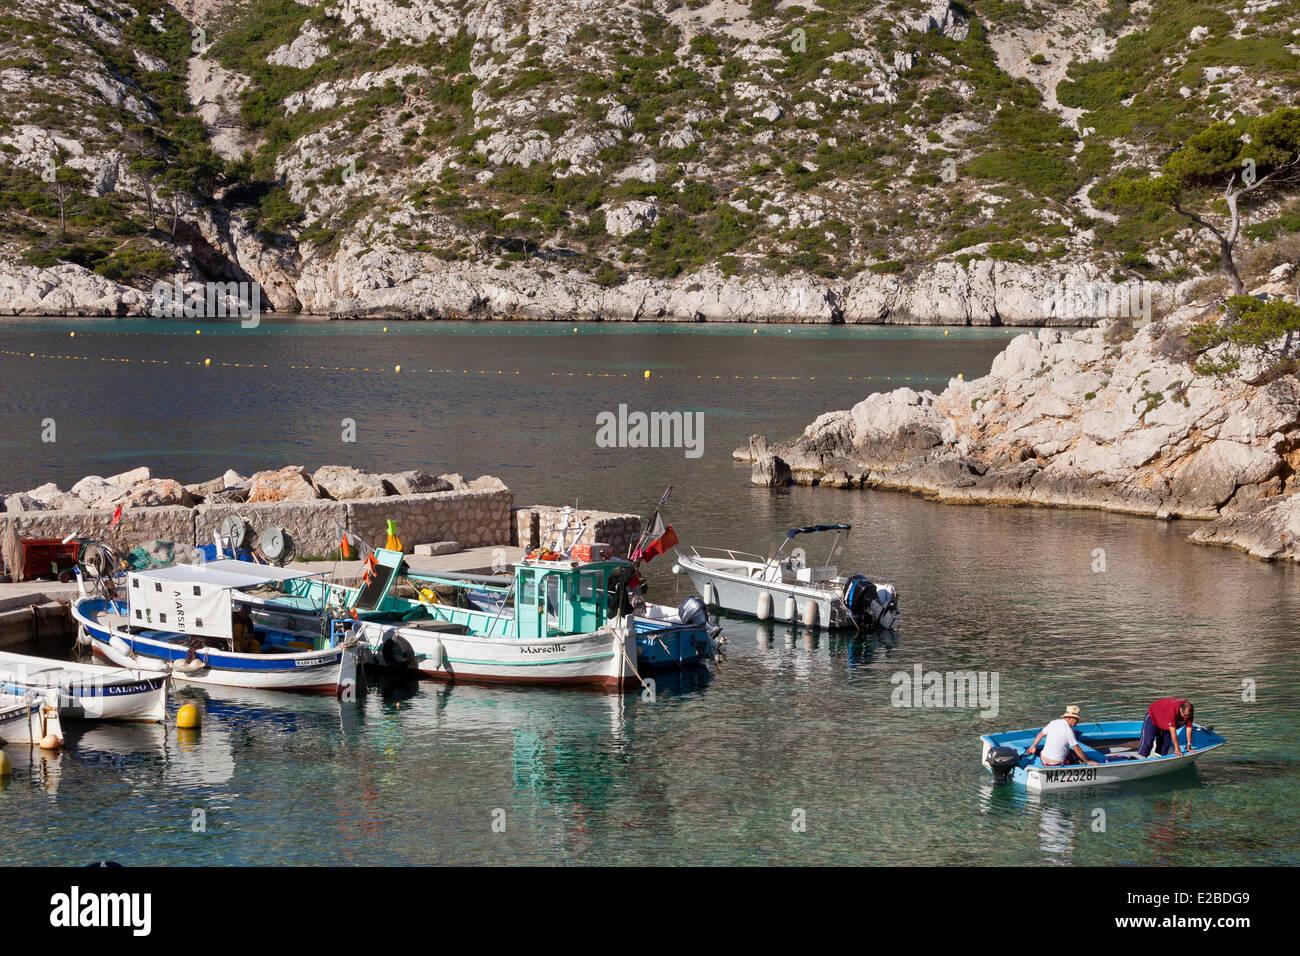 France, Bouches du Rhone, Marseille, 9th arrondissement, Calanque de Sormiou - Stock Image